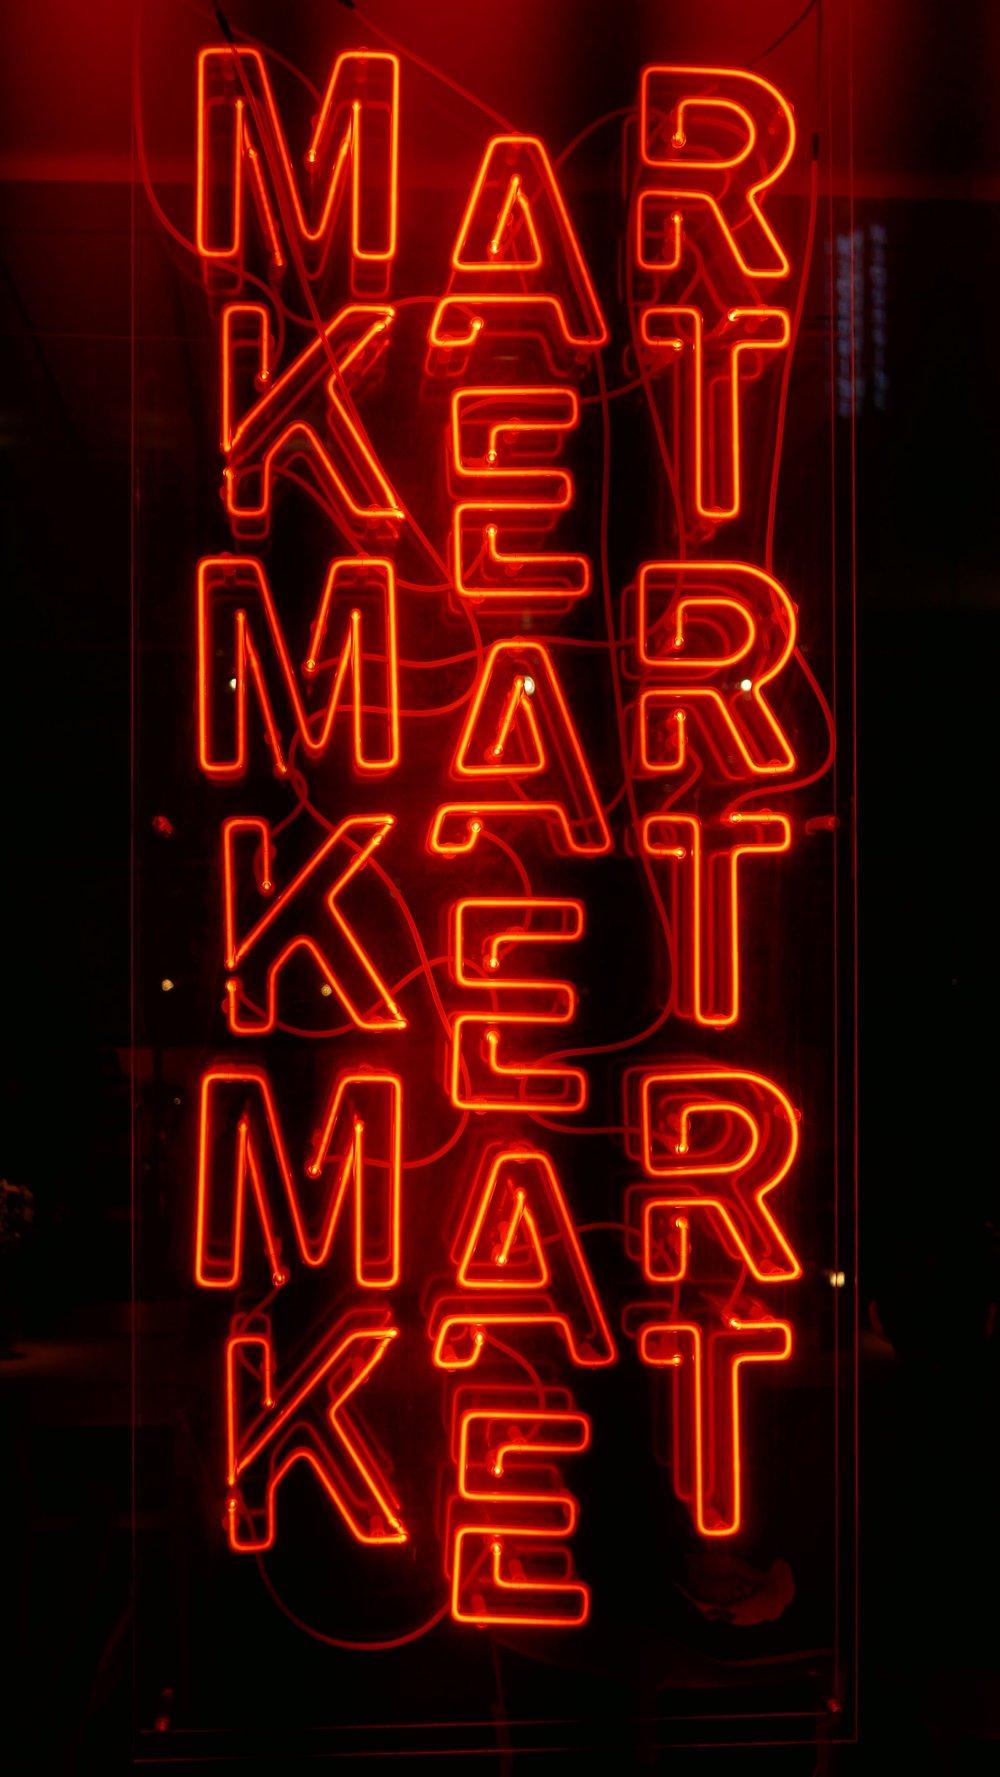 Toucan Advertising New Orleans Marketing.jpg